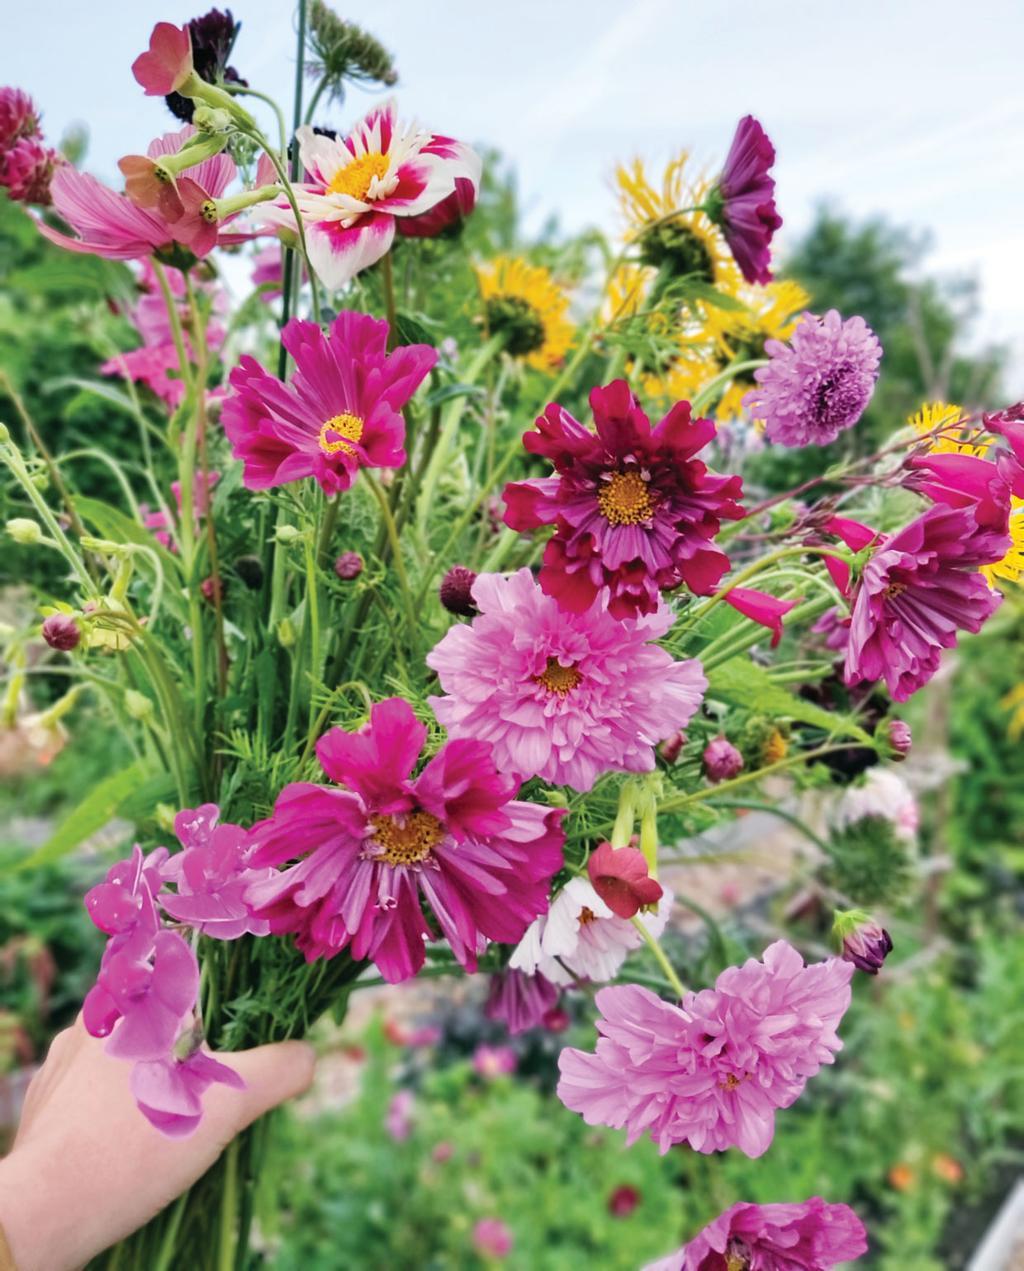 roze, gele en paarse plukbloemen